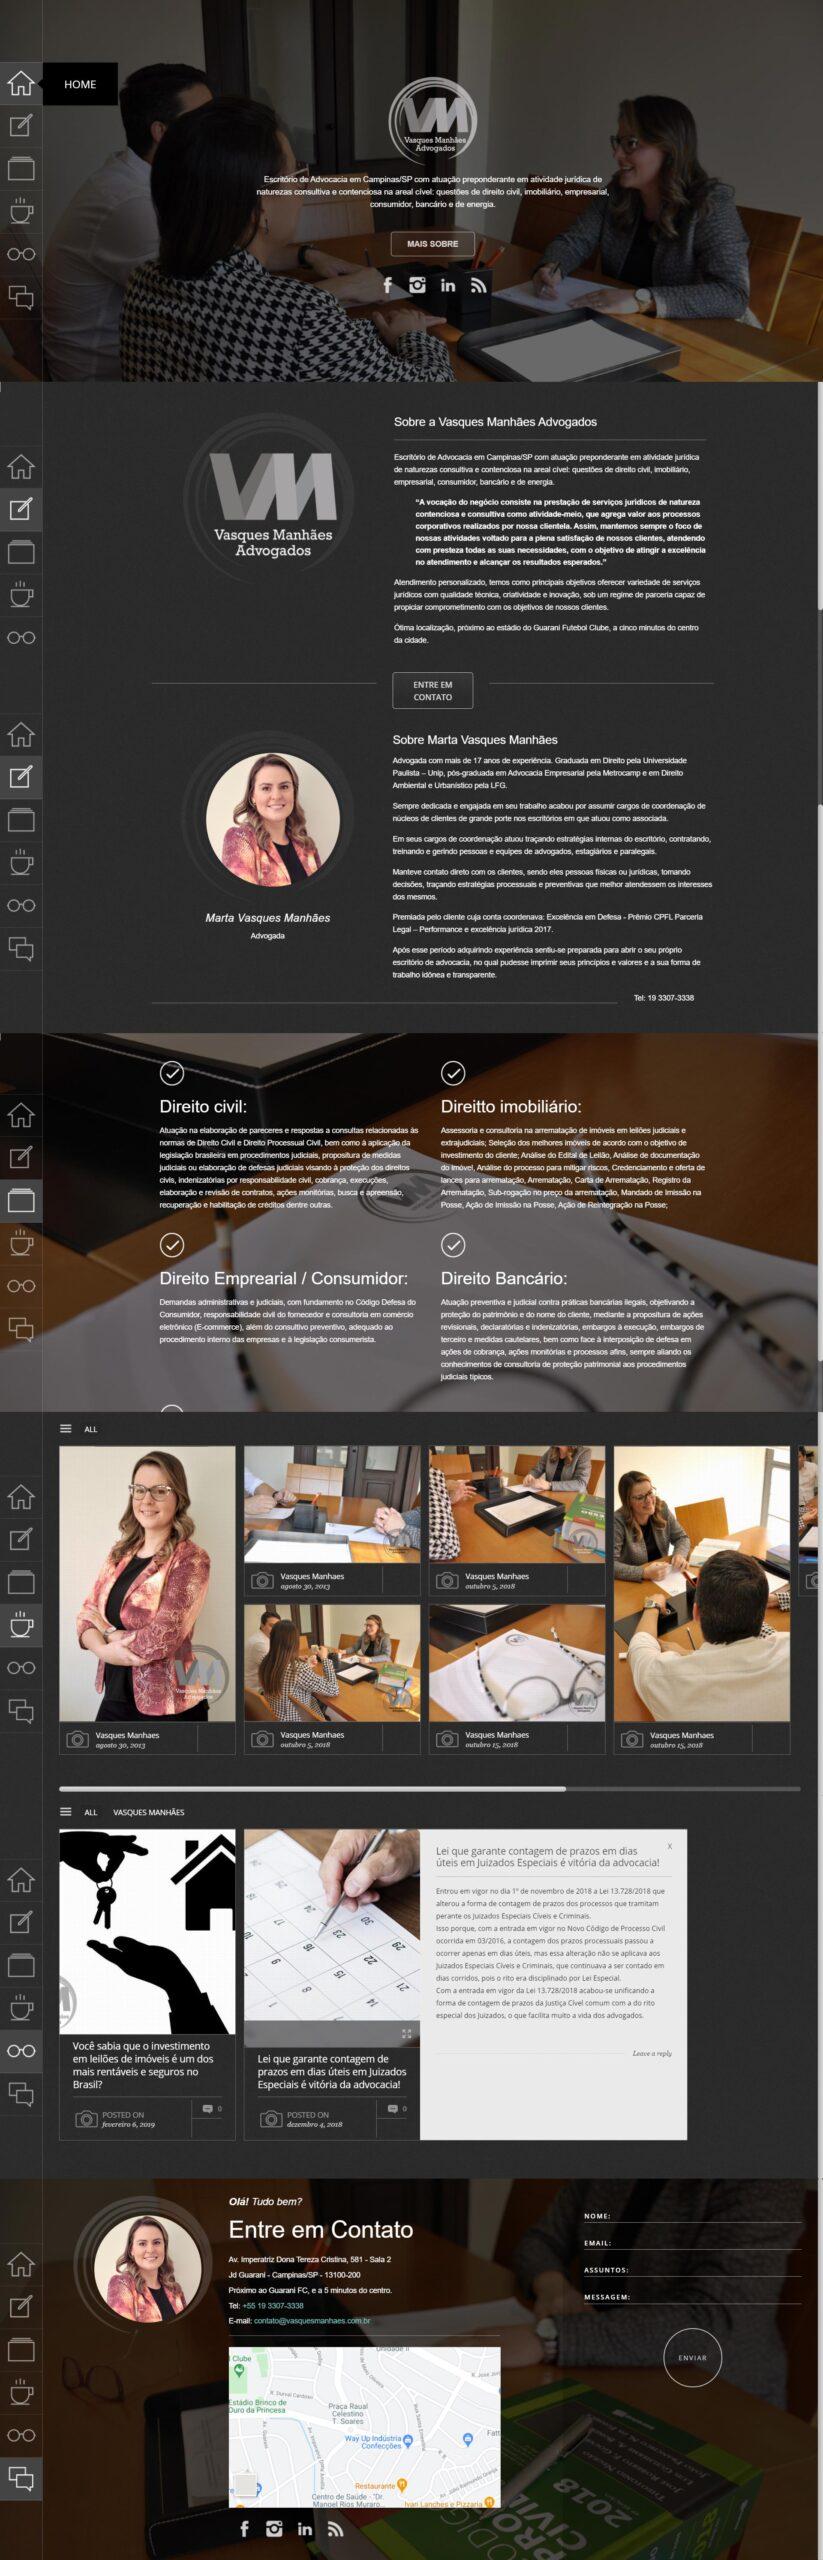 Agência Sacchi Design - Criação de Sites - WebDesign - Criação de Logotipo - Web Design - Design Gráfico - Webdesigner - WordPress - Sites Profissionais - Agencia Web - Brasil